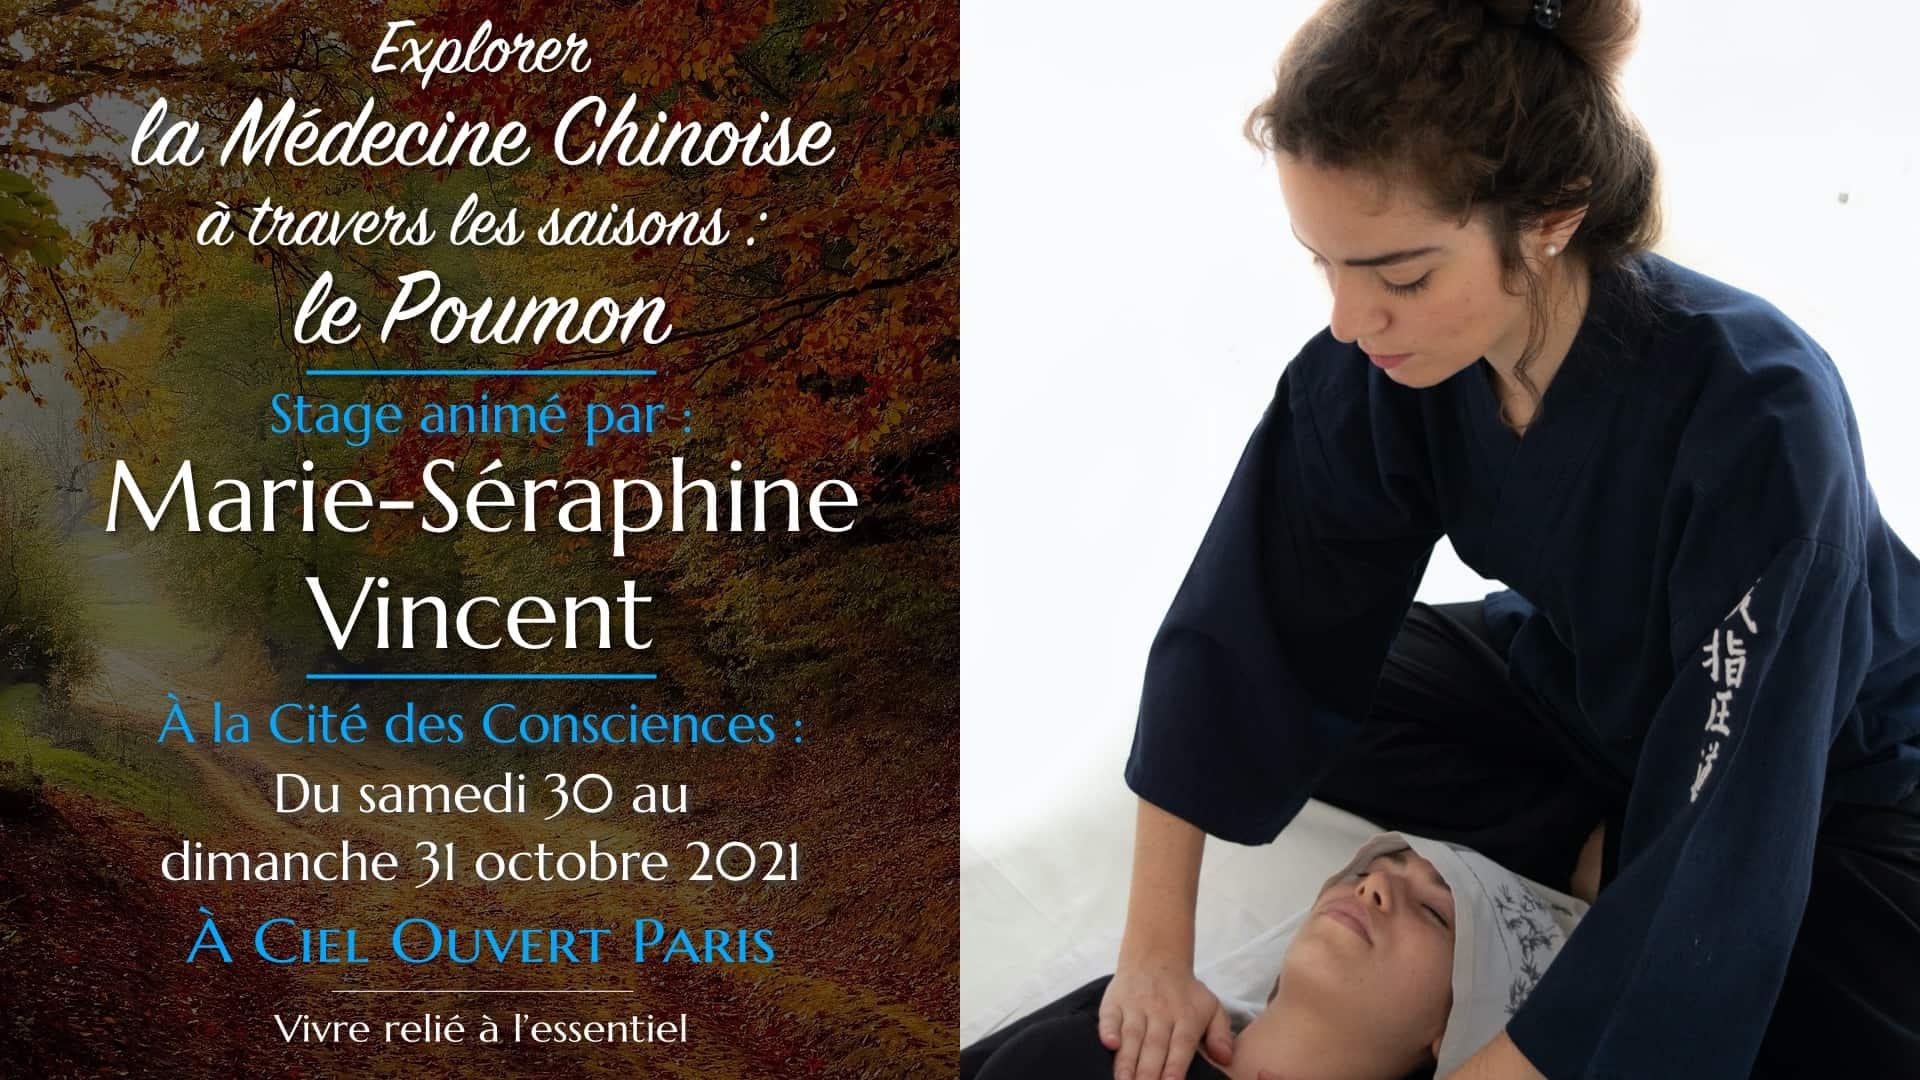 Explorer la médecine chinoise à travers les saisons : le Poumon – Marie-Séraphine Vincent